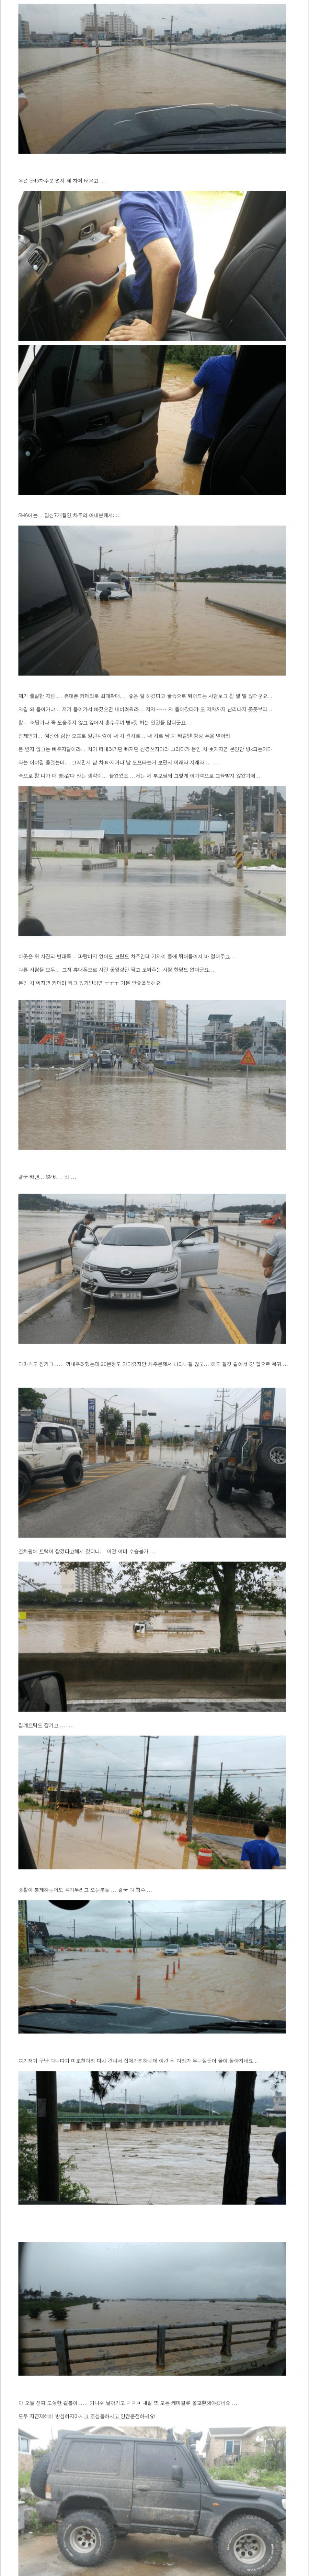 15d55dd5ef34980e3.png 청주 물난리 속 구난영웅.jpg